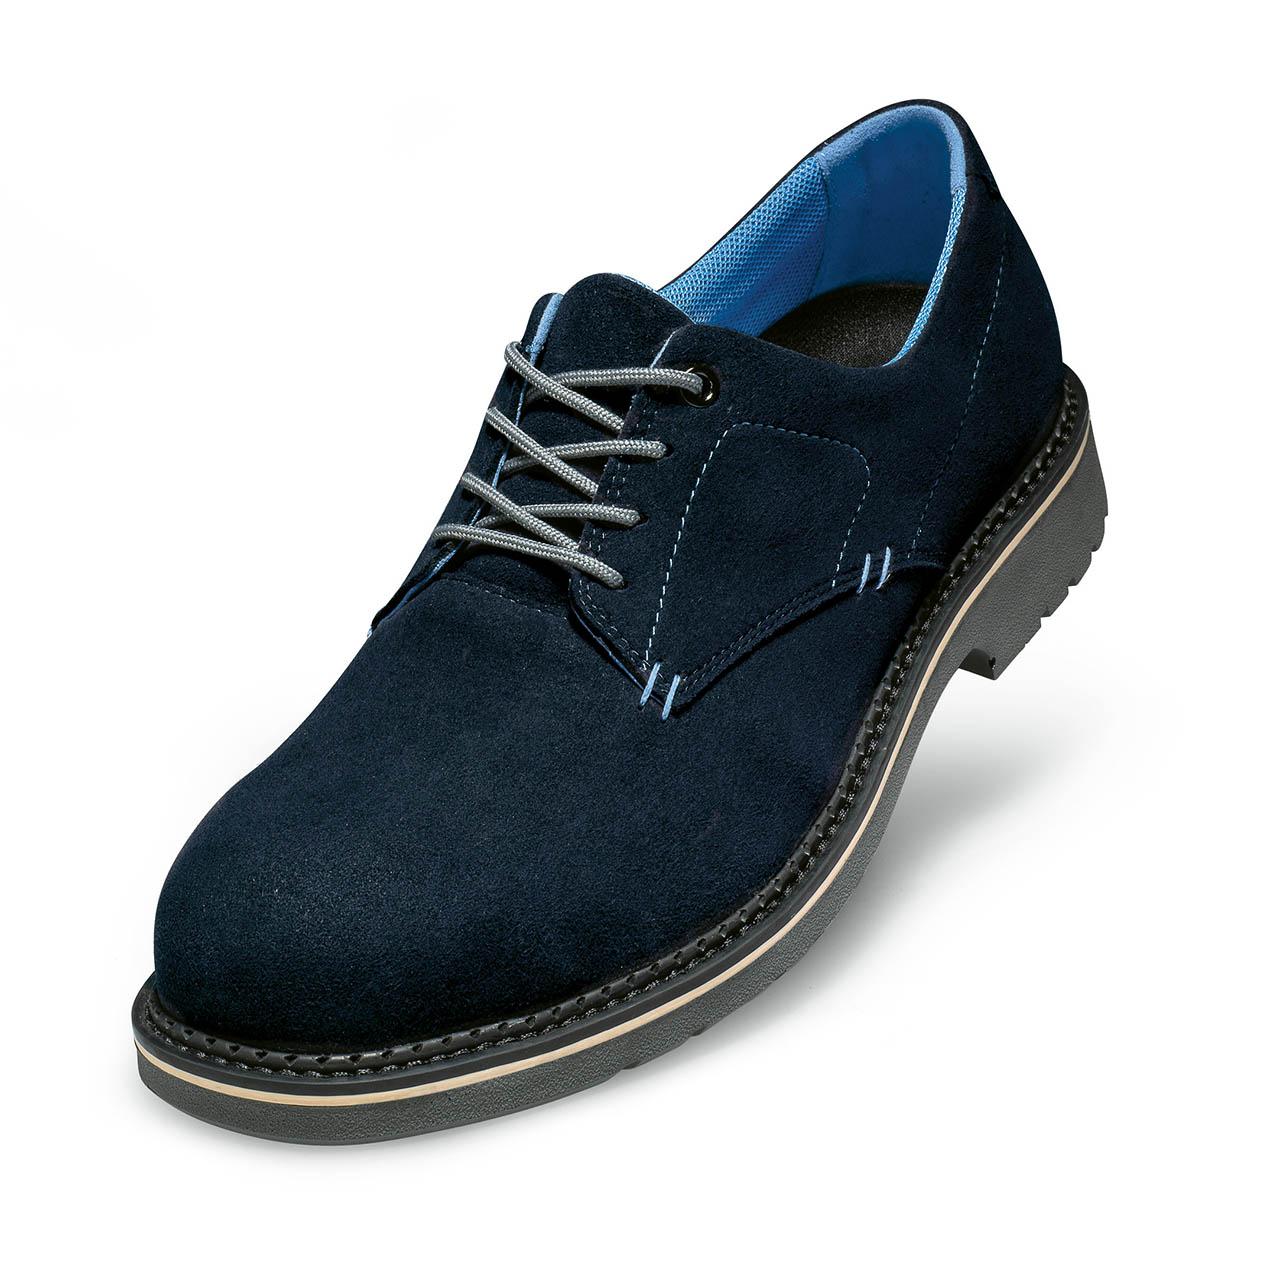 uvex 1 business business shoe S3 SRC